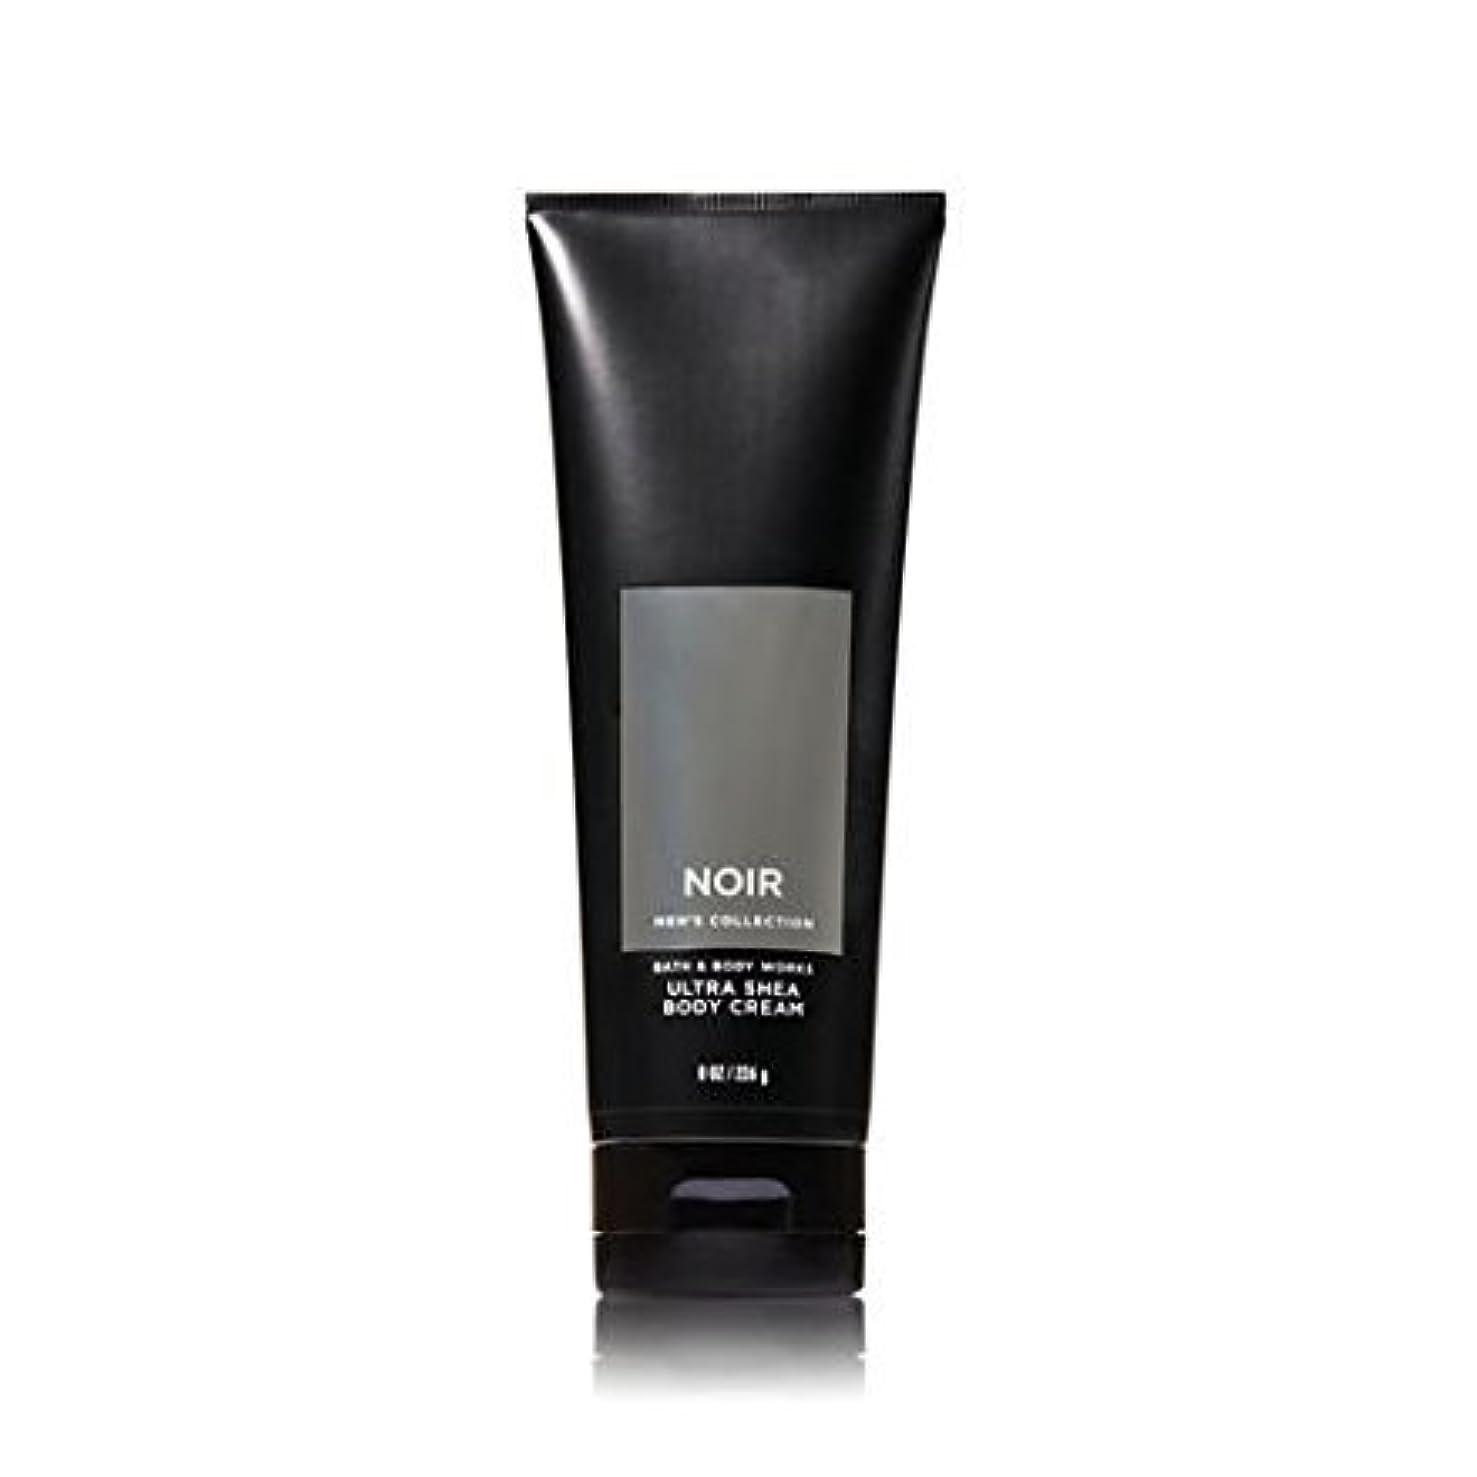 句石実験をする【並行輸入品】Bath and Body Works Noir for Men Ultra Shea Body Cream 226 g